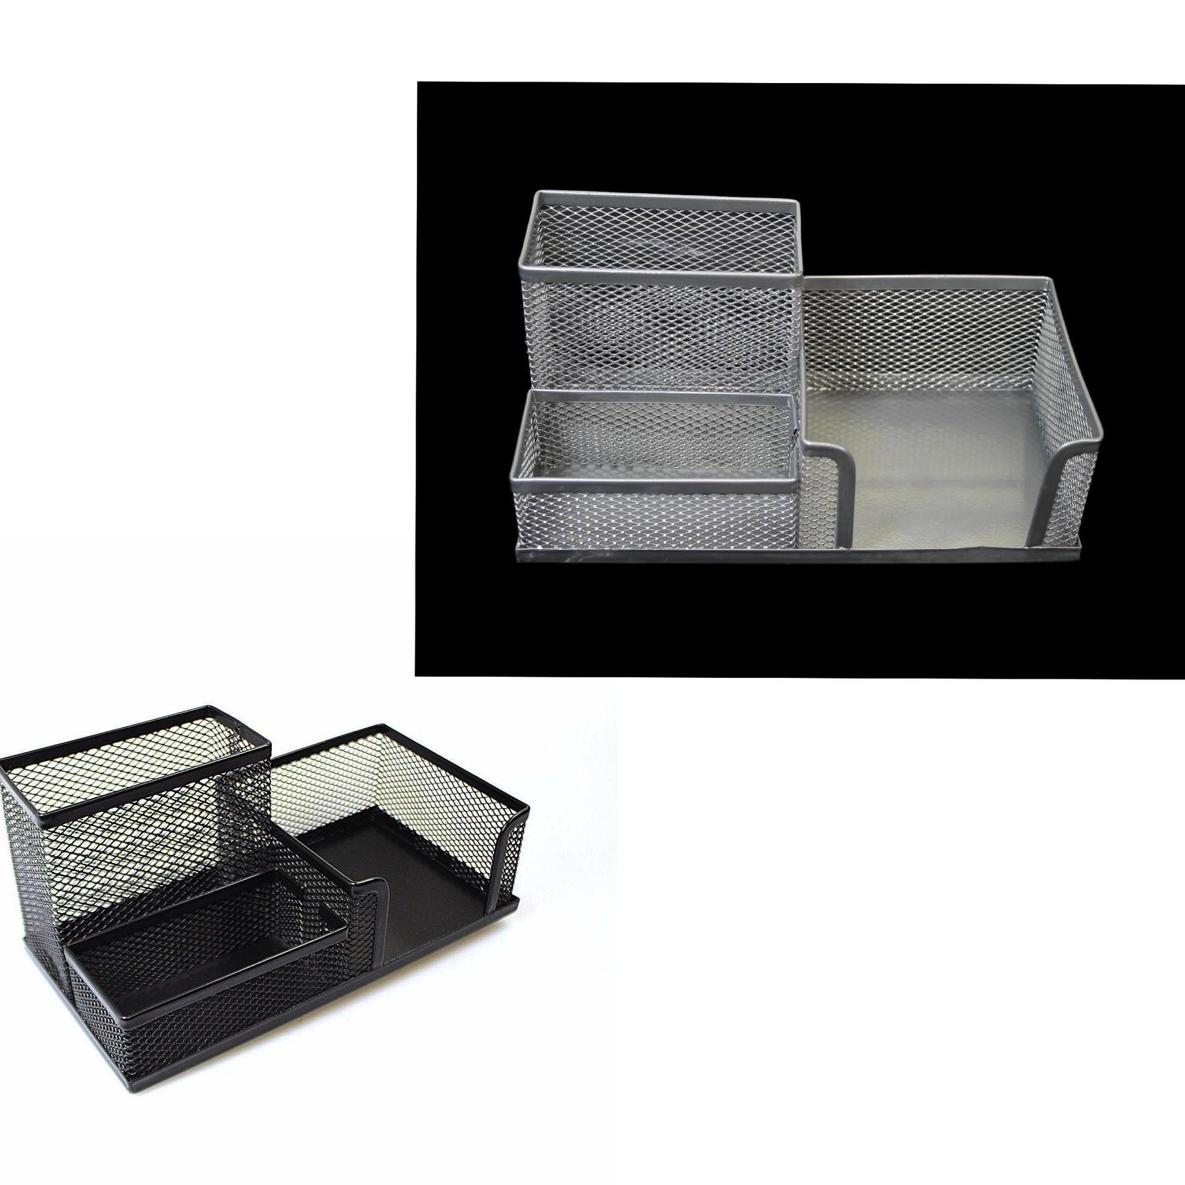 Mesh Desk Organiser Pen Pencil Stationery Holder Black/ Silver Desk Organiser 00